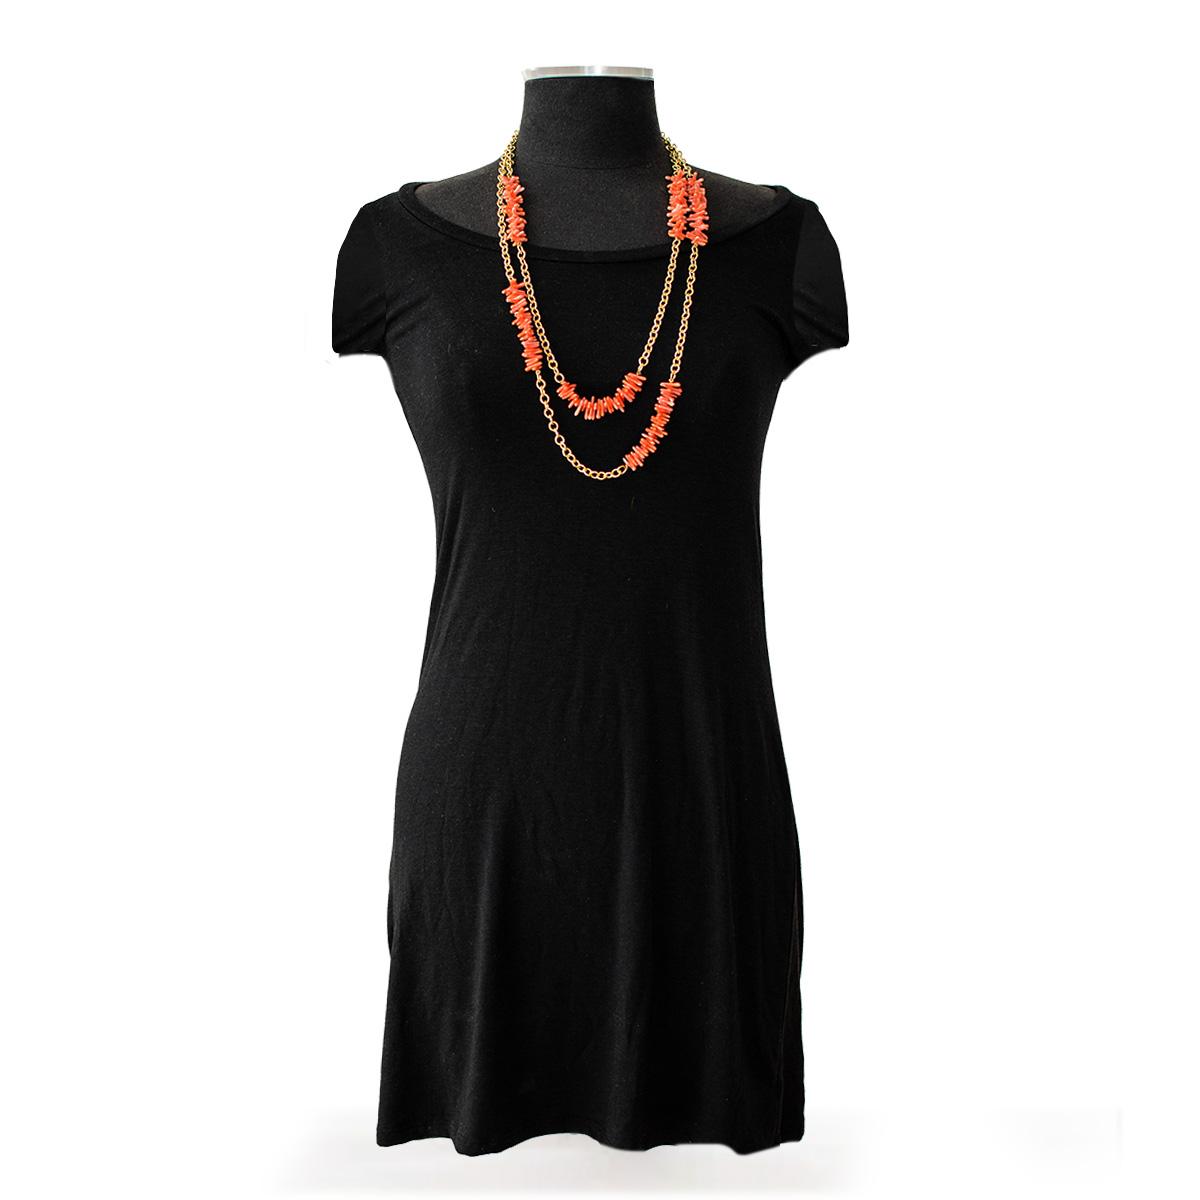 KJL necklace